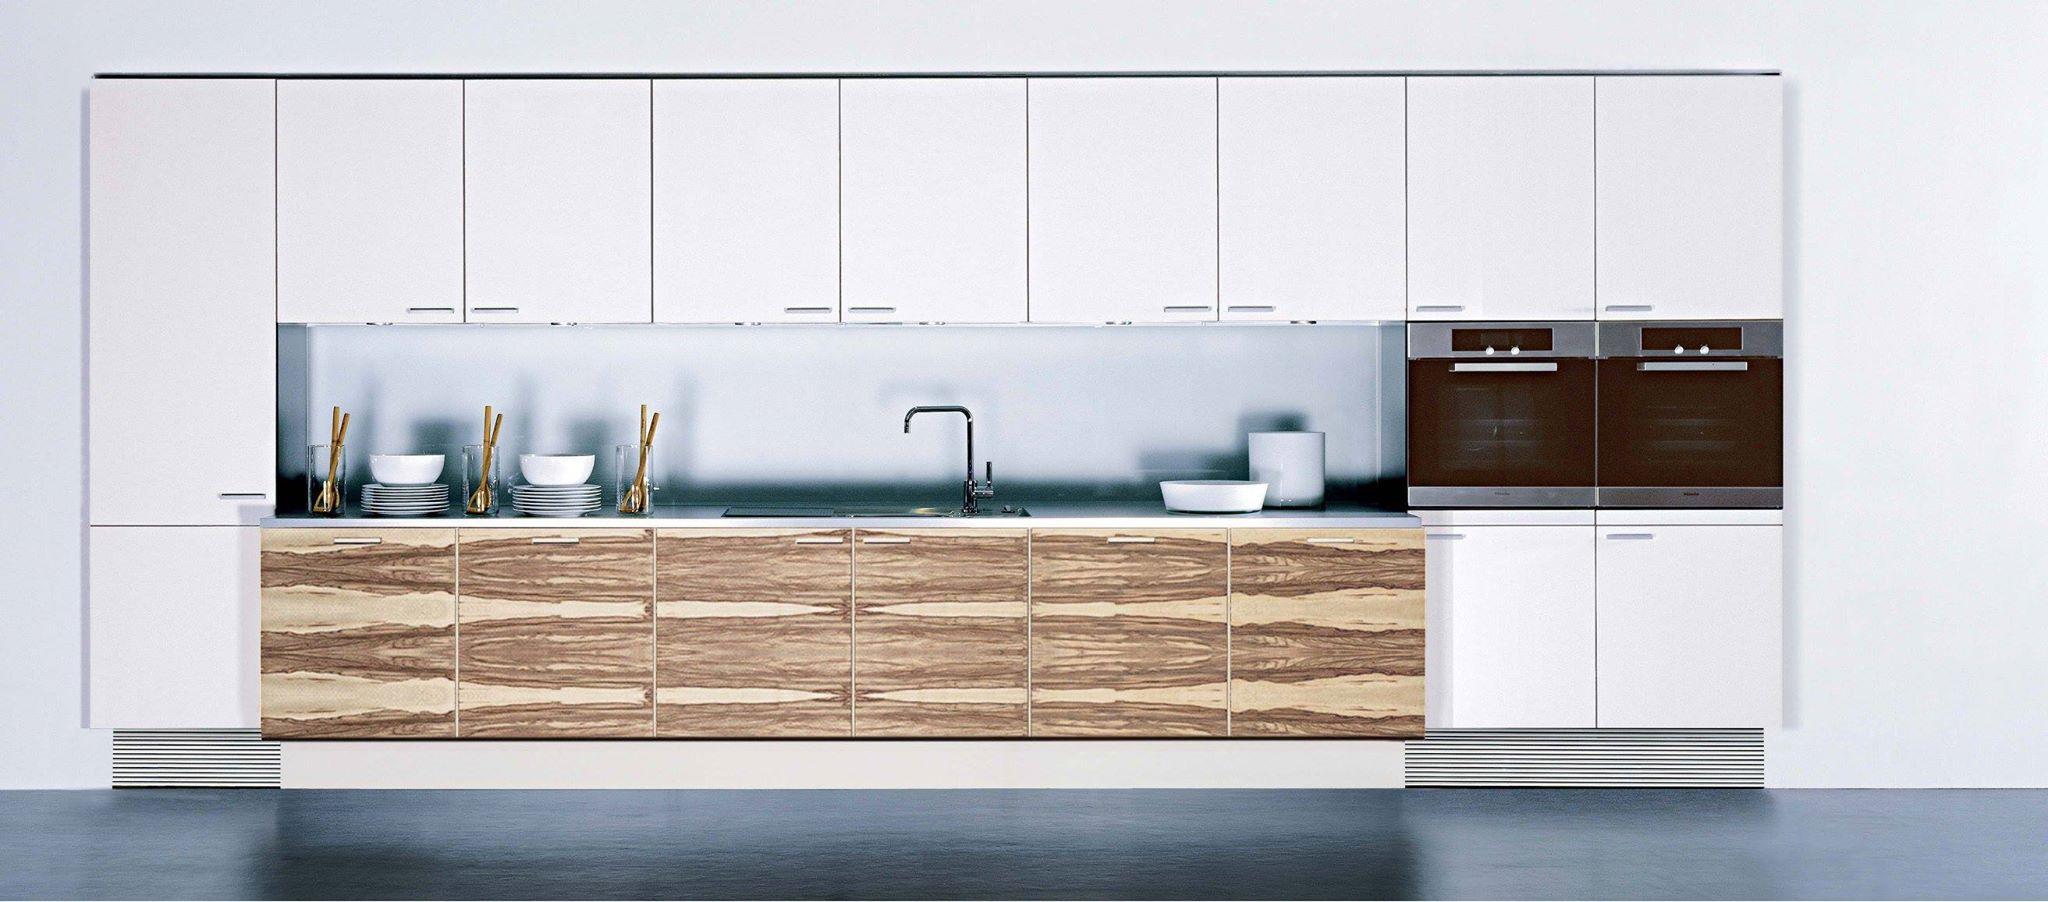 Design Keuken Op Maat : Poggenpohl design keuken op maat gemaakt wit en hout